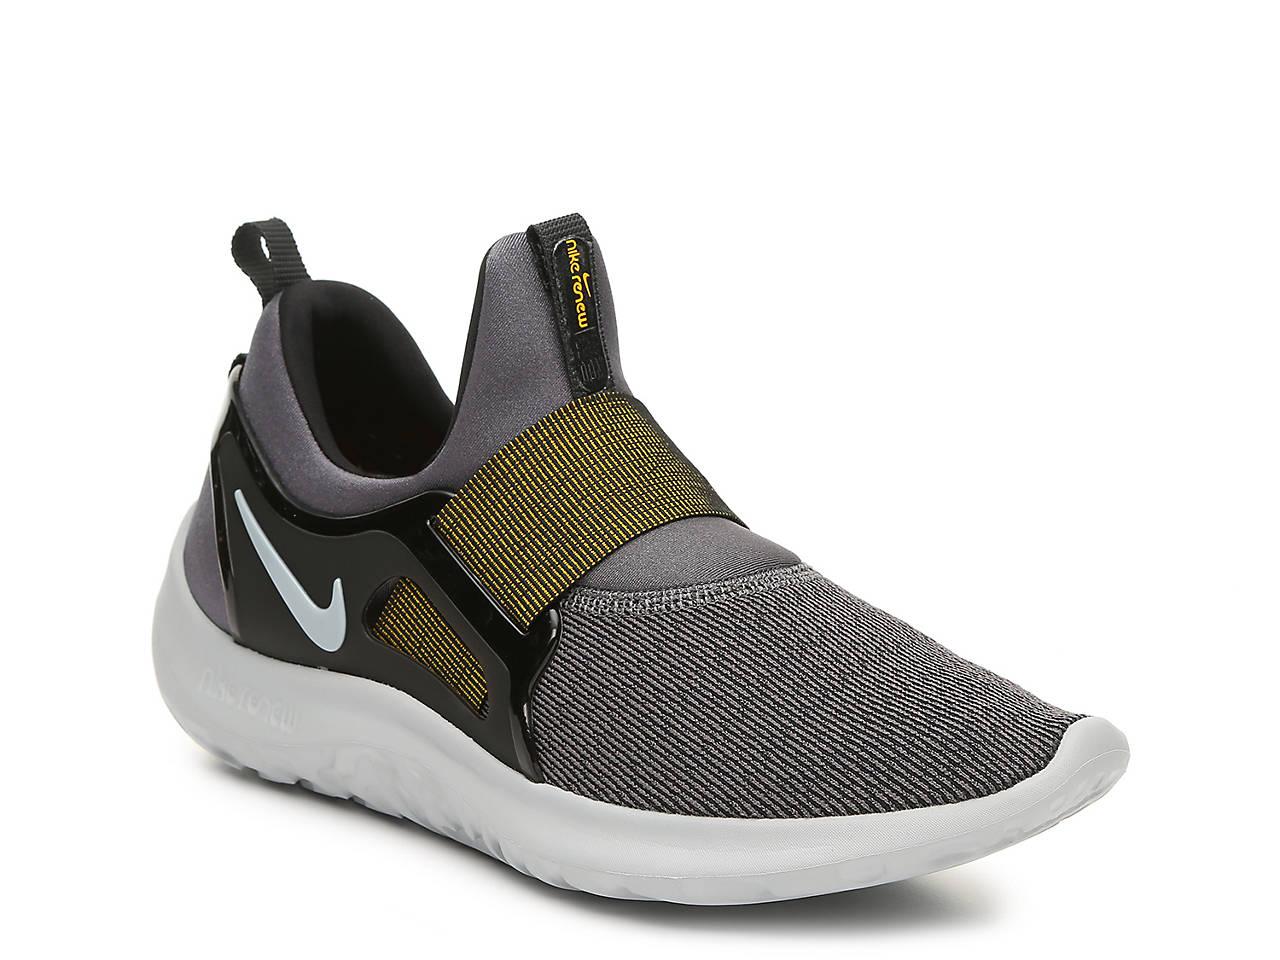 lowest price f46d6 fb39e Nike Freedom Slip-On Sneaker - Women s Women s Shoes   DSW